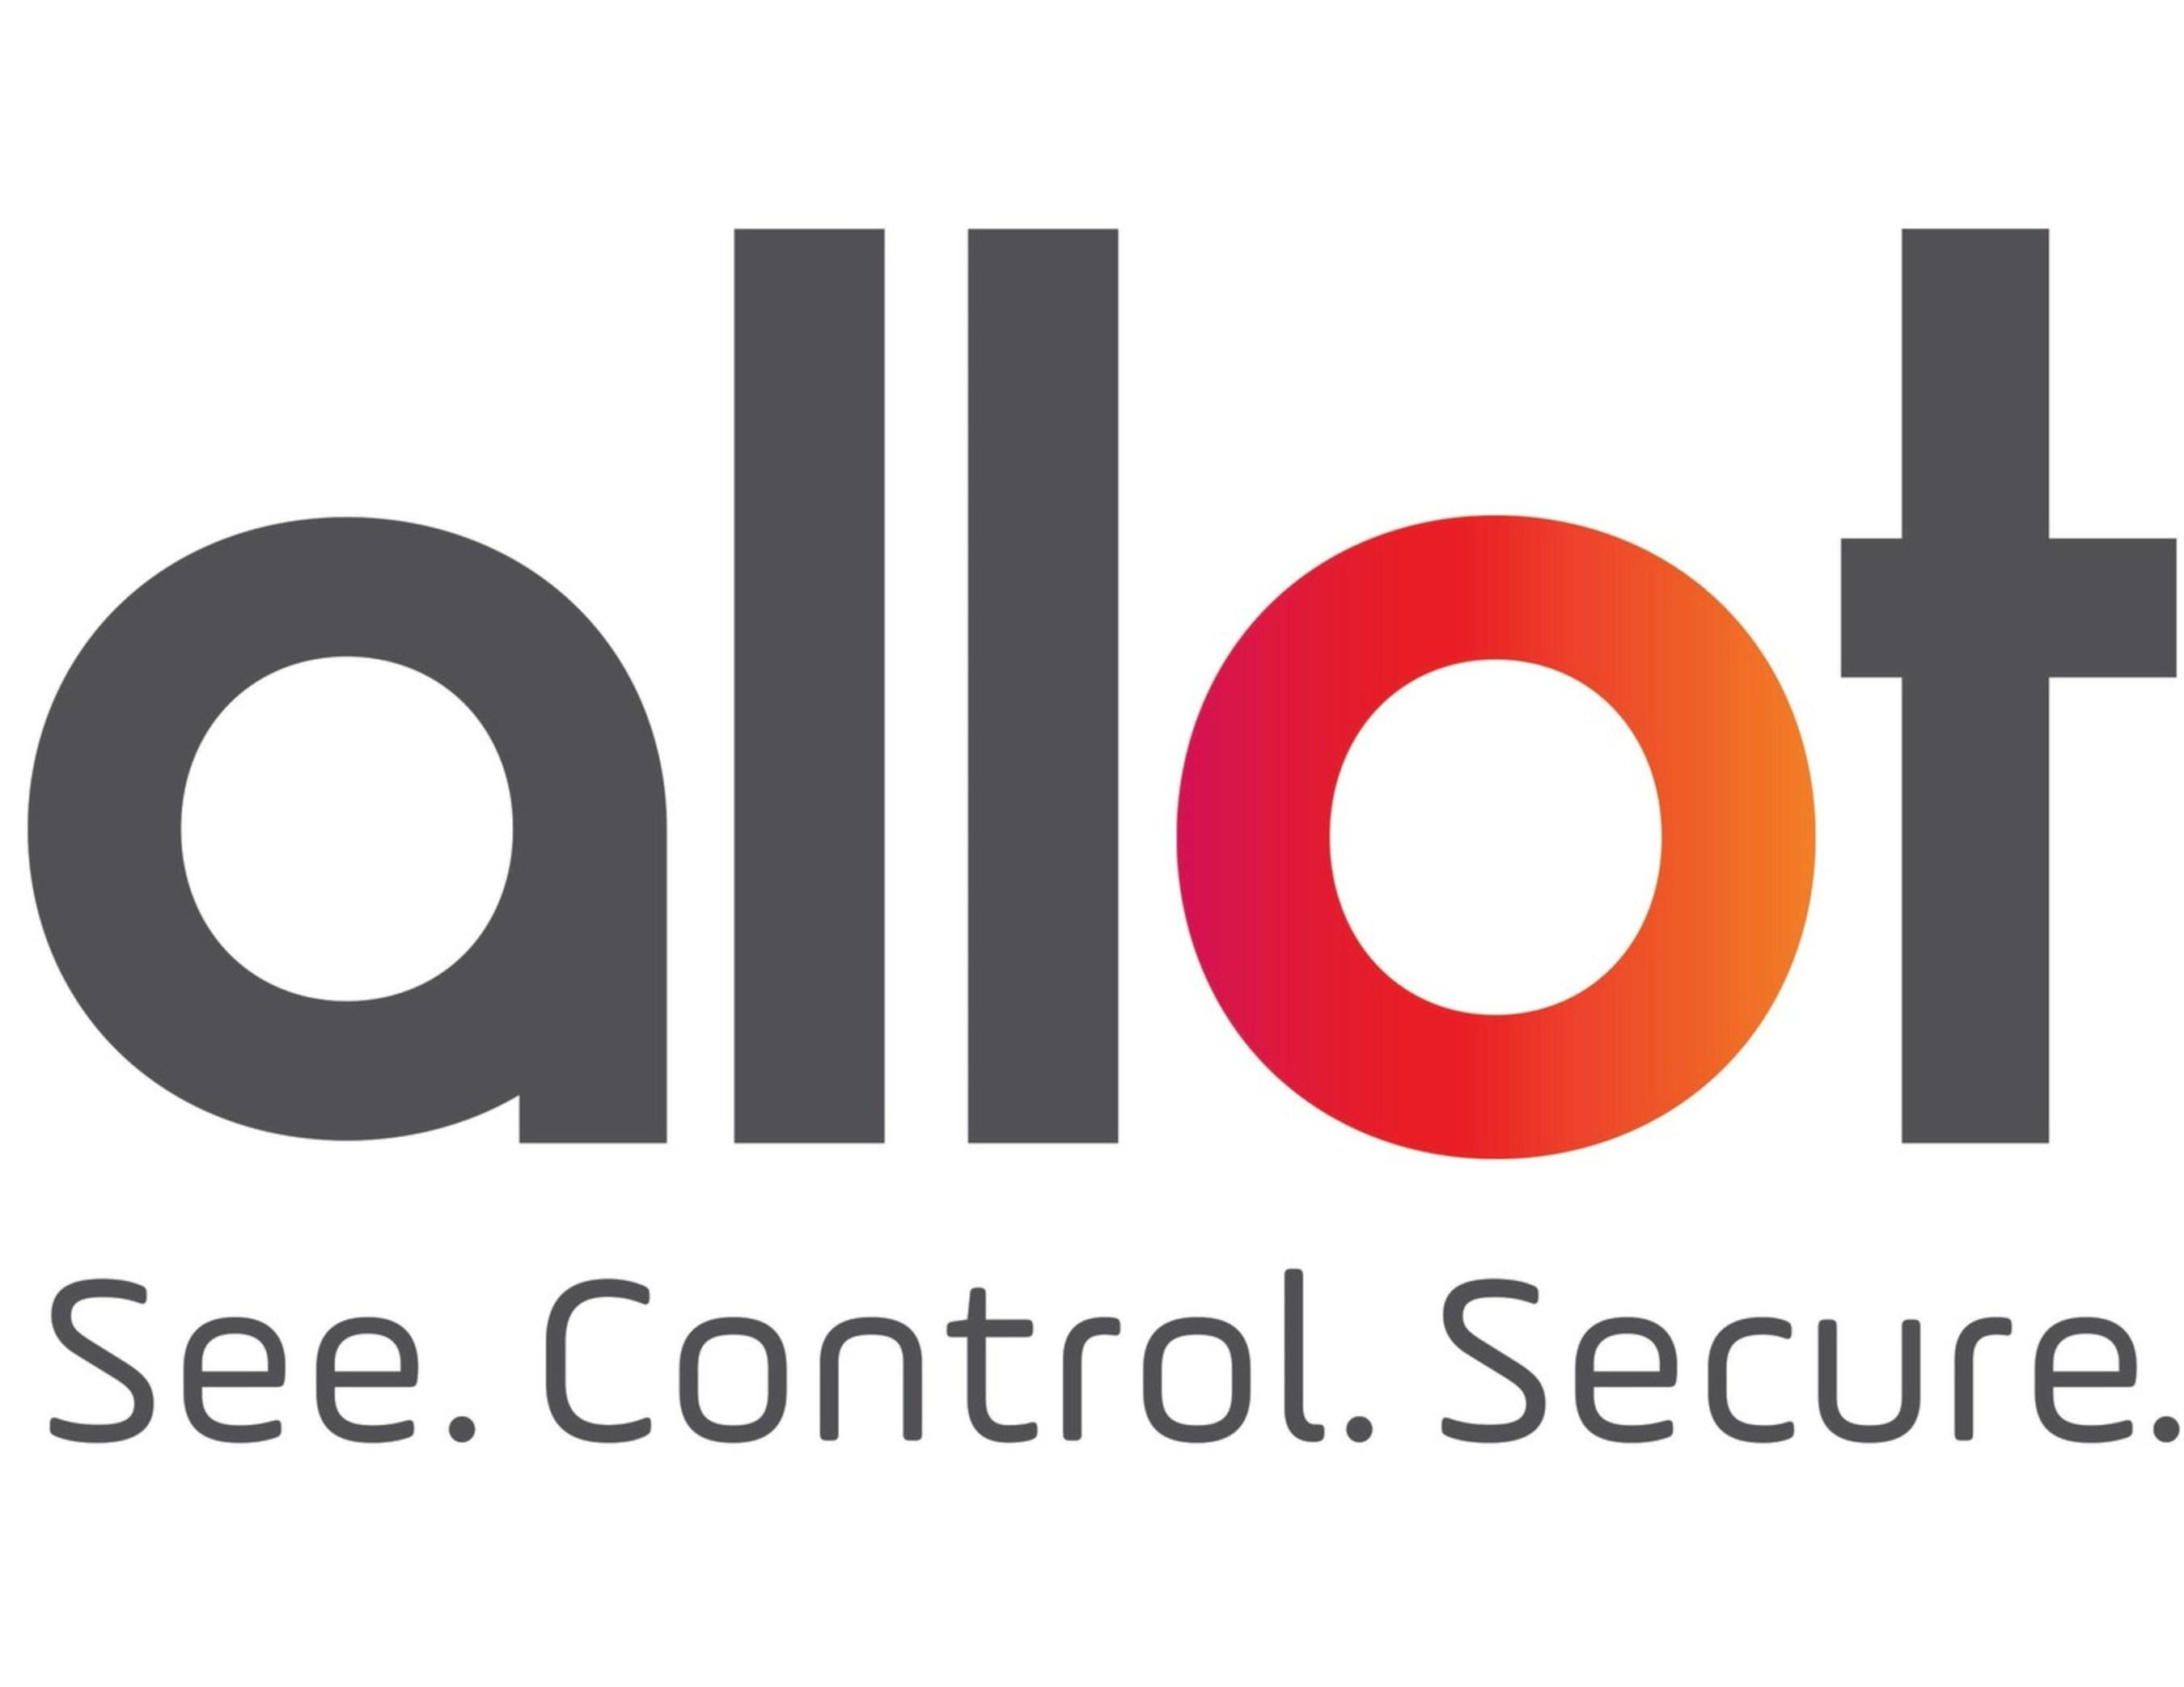 Allot Ltd.